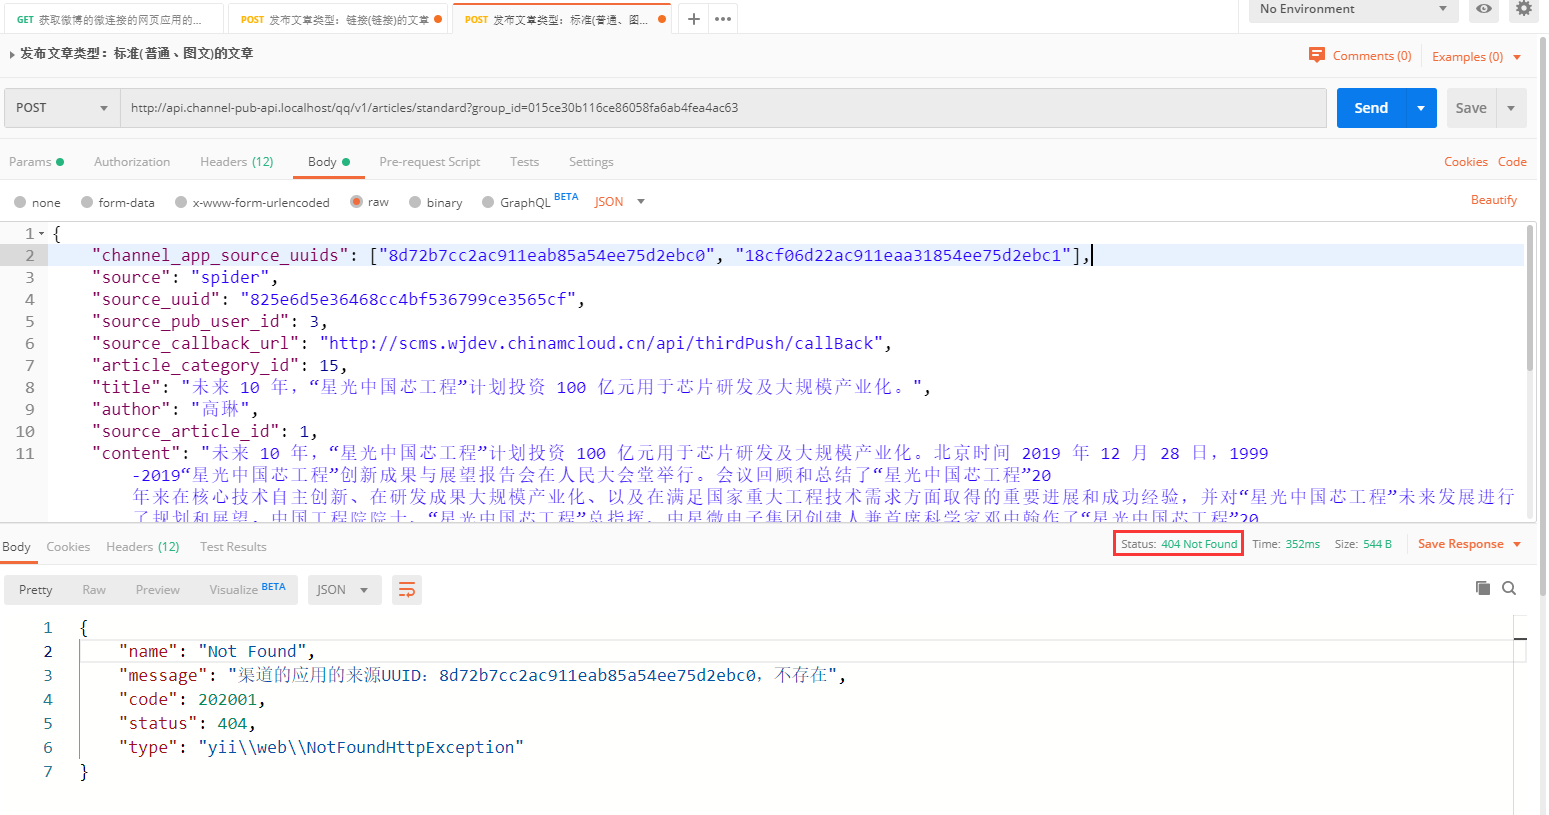 仍然存在问题,当响应状态码为 404、302 时,未执行到过滤器方法:afterAction($action, $result),预发布日志表中未插入记录,有待于后续进一步分析处理